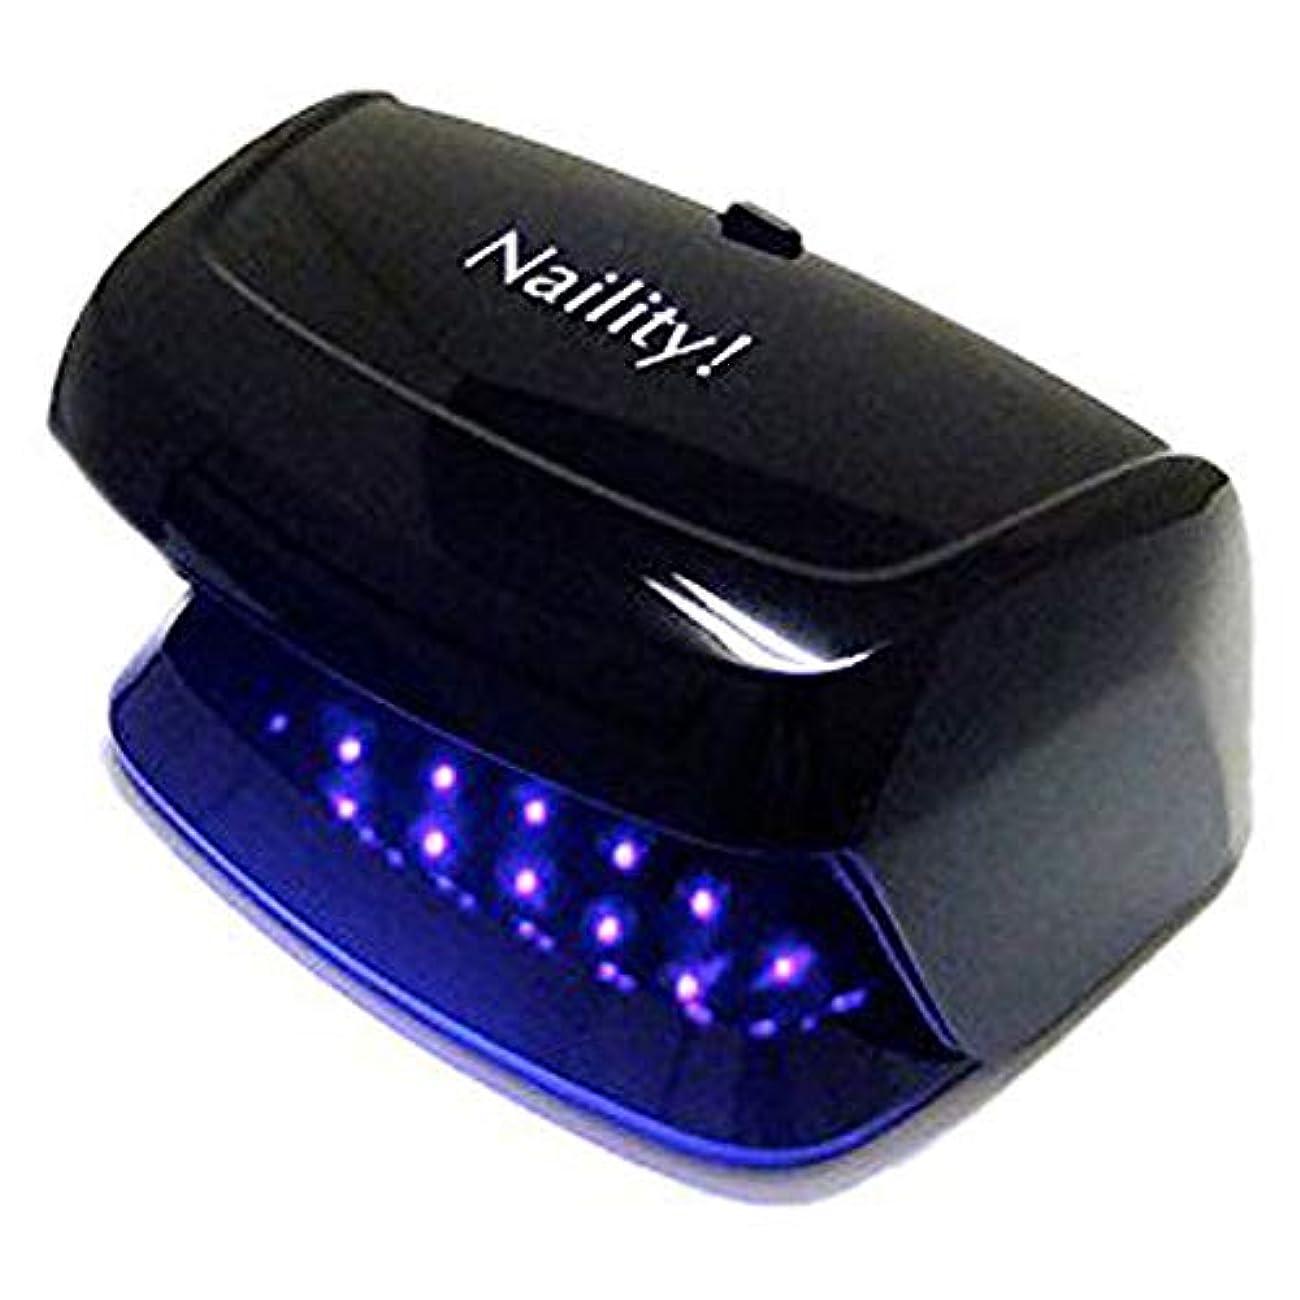 ハード殺人純度Naility!(ネイリティ!) Naility! LEDライト 3W /Black ジェルネイル 1個